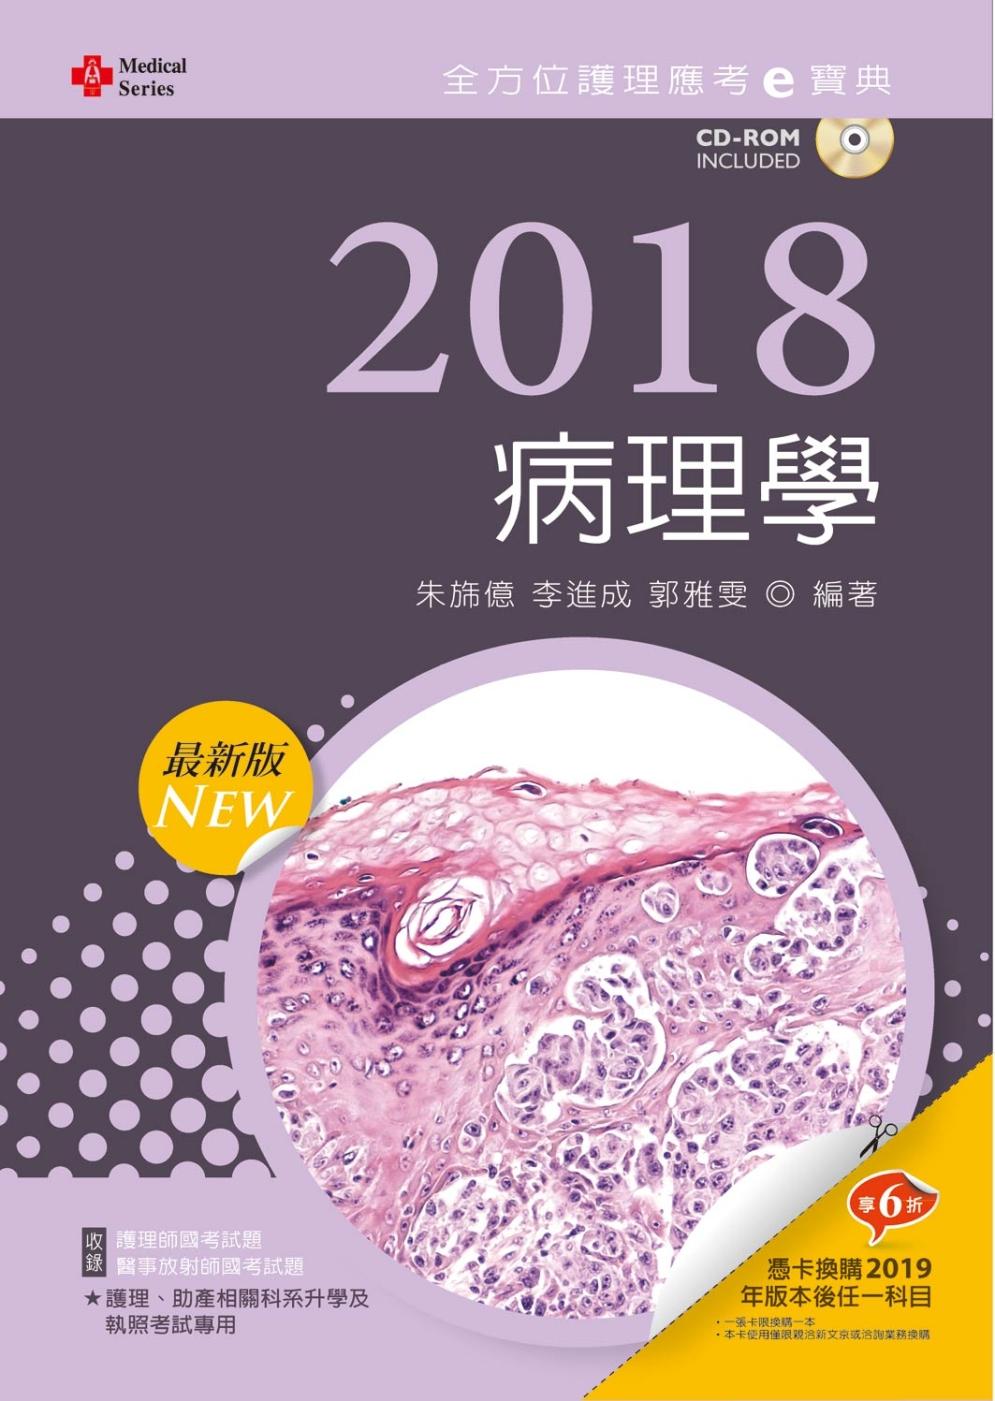 2018最新版 全方位護理應考e寶典:病理學【附歷屆試題光碟(護理師、放射師)】(第十版)